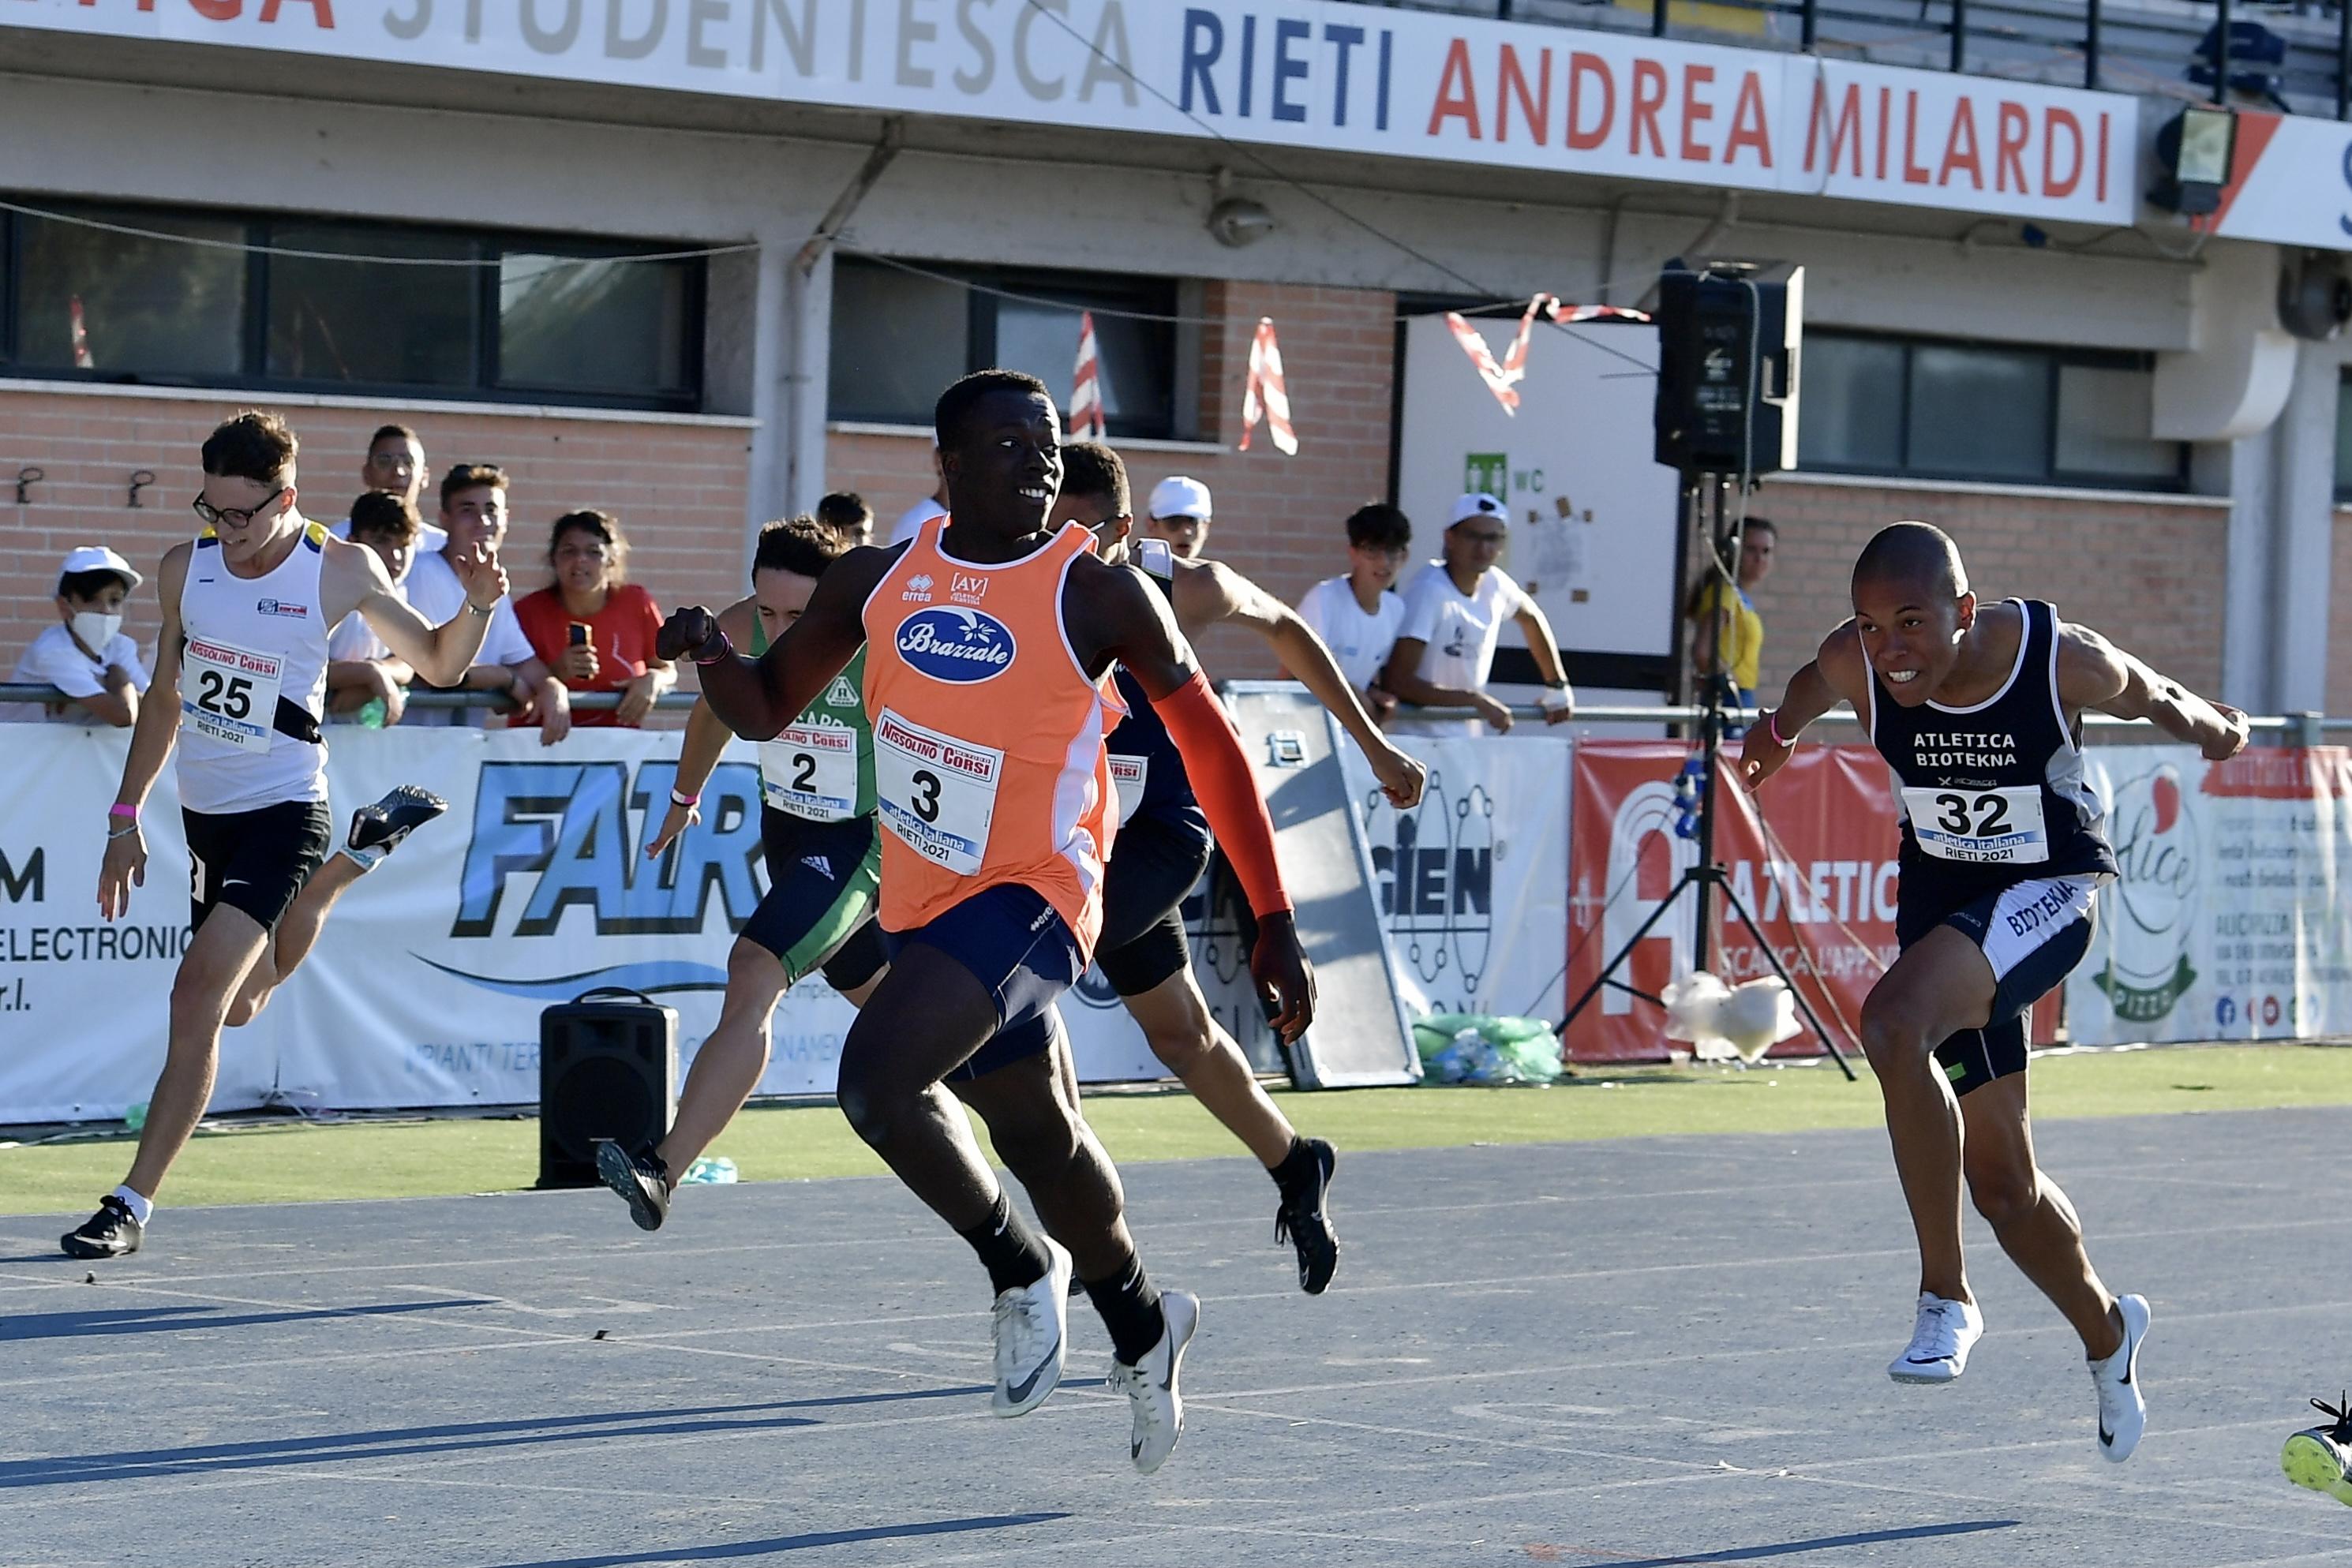 tonella-100m-finale-rieti.jpg